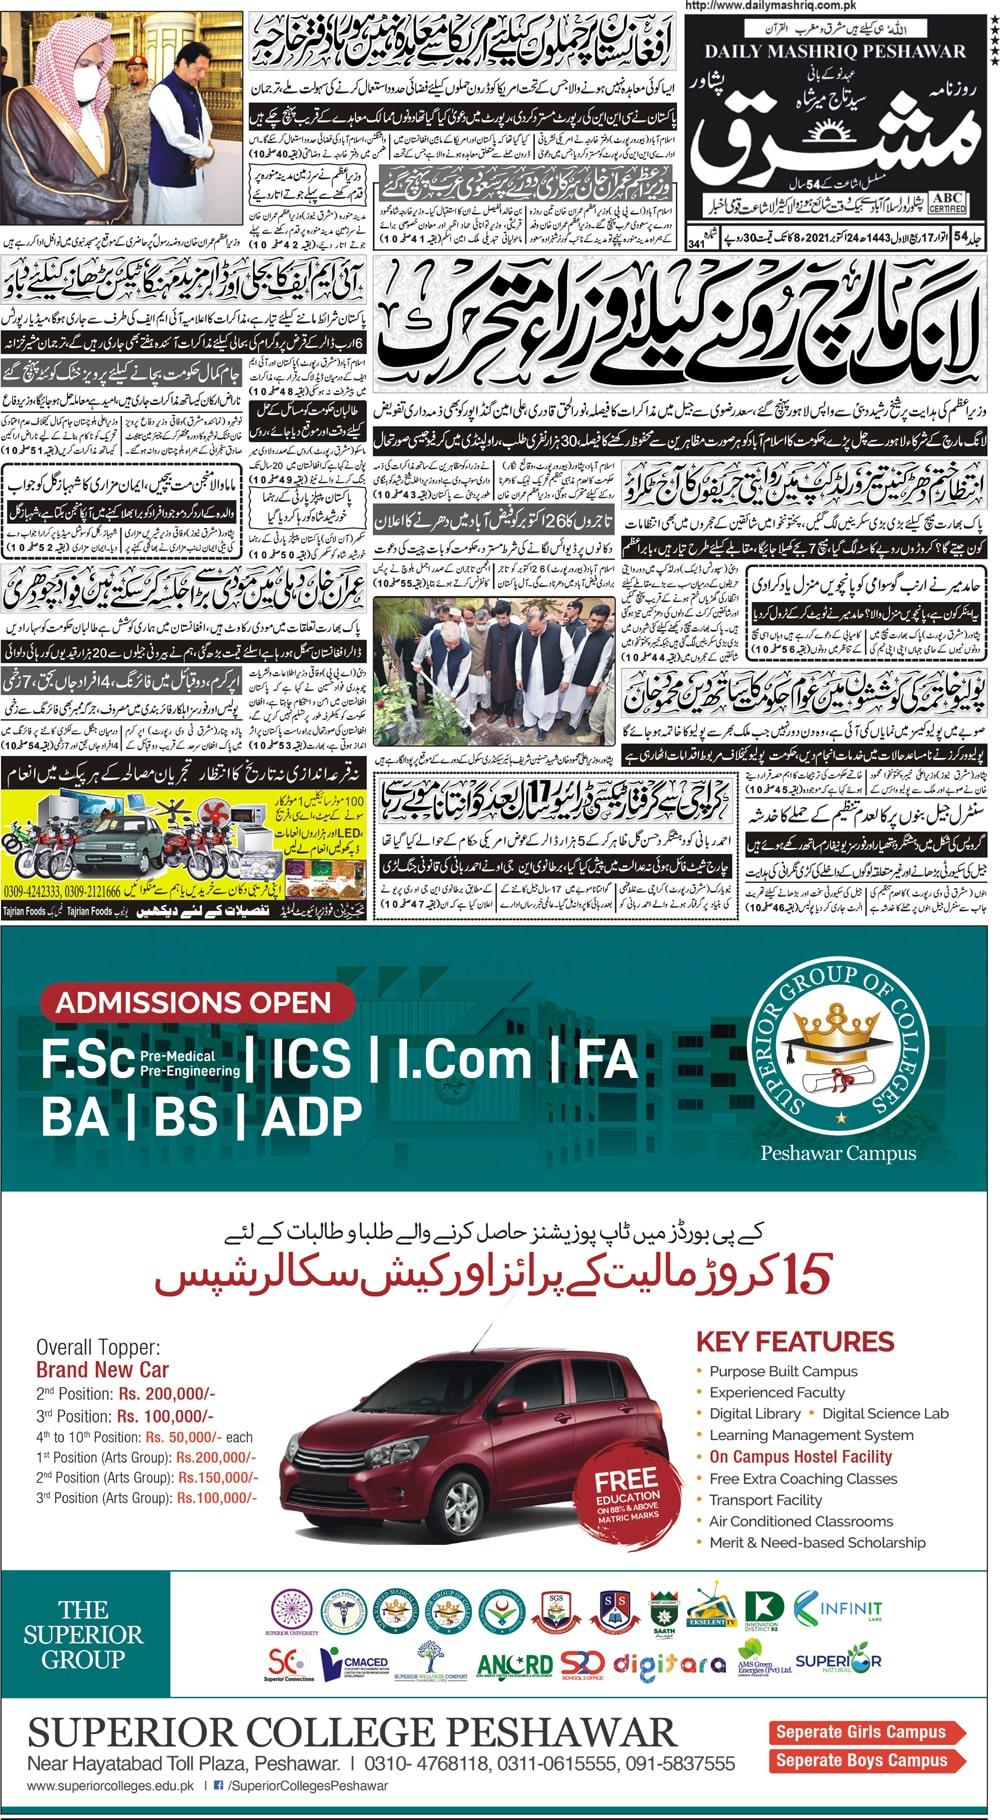 Daily Mashriq Page 1 Date